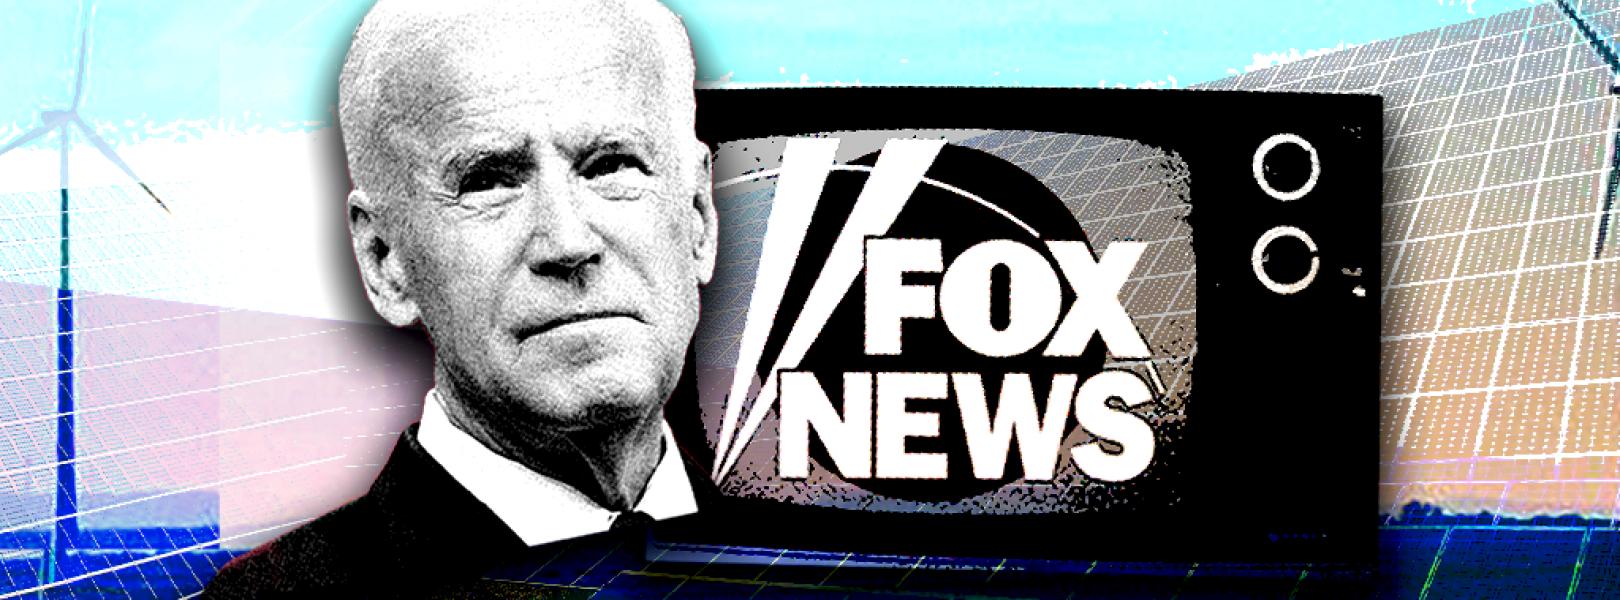 Biden-Fox-Climate